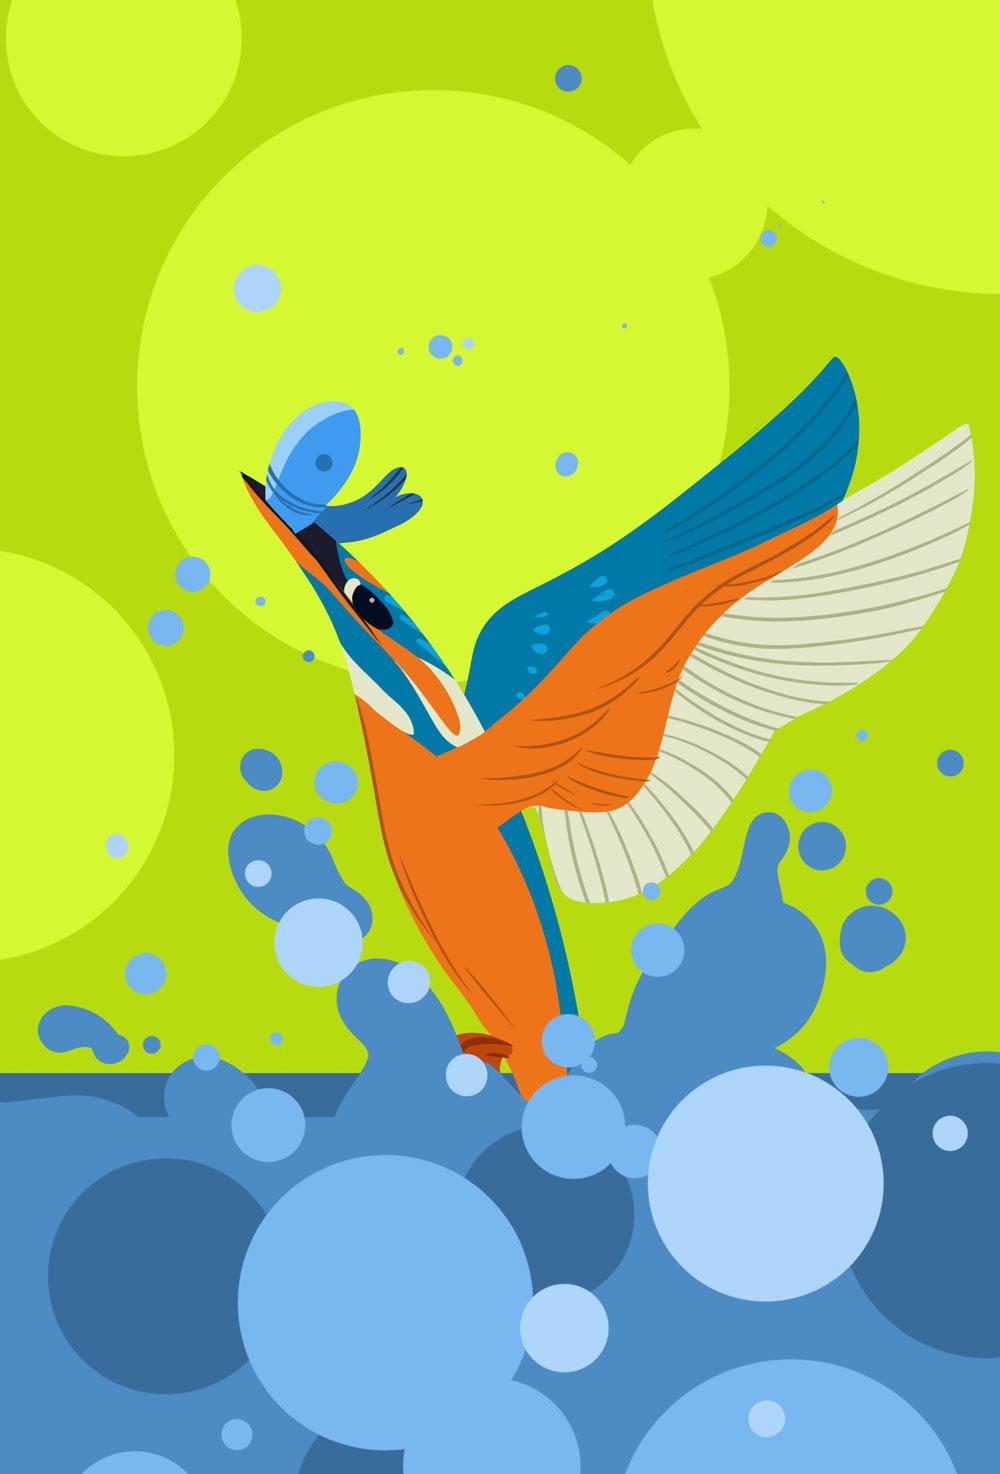 Leicht abstrakte, grafische Darstellung eines Eisvogels